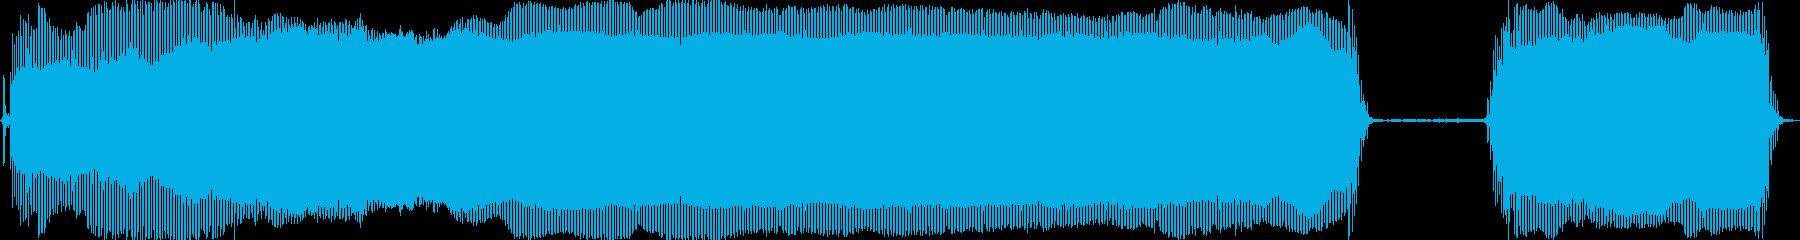 髭剃りシャーバーの音の再生済みの波形